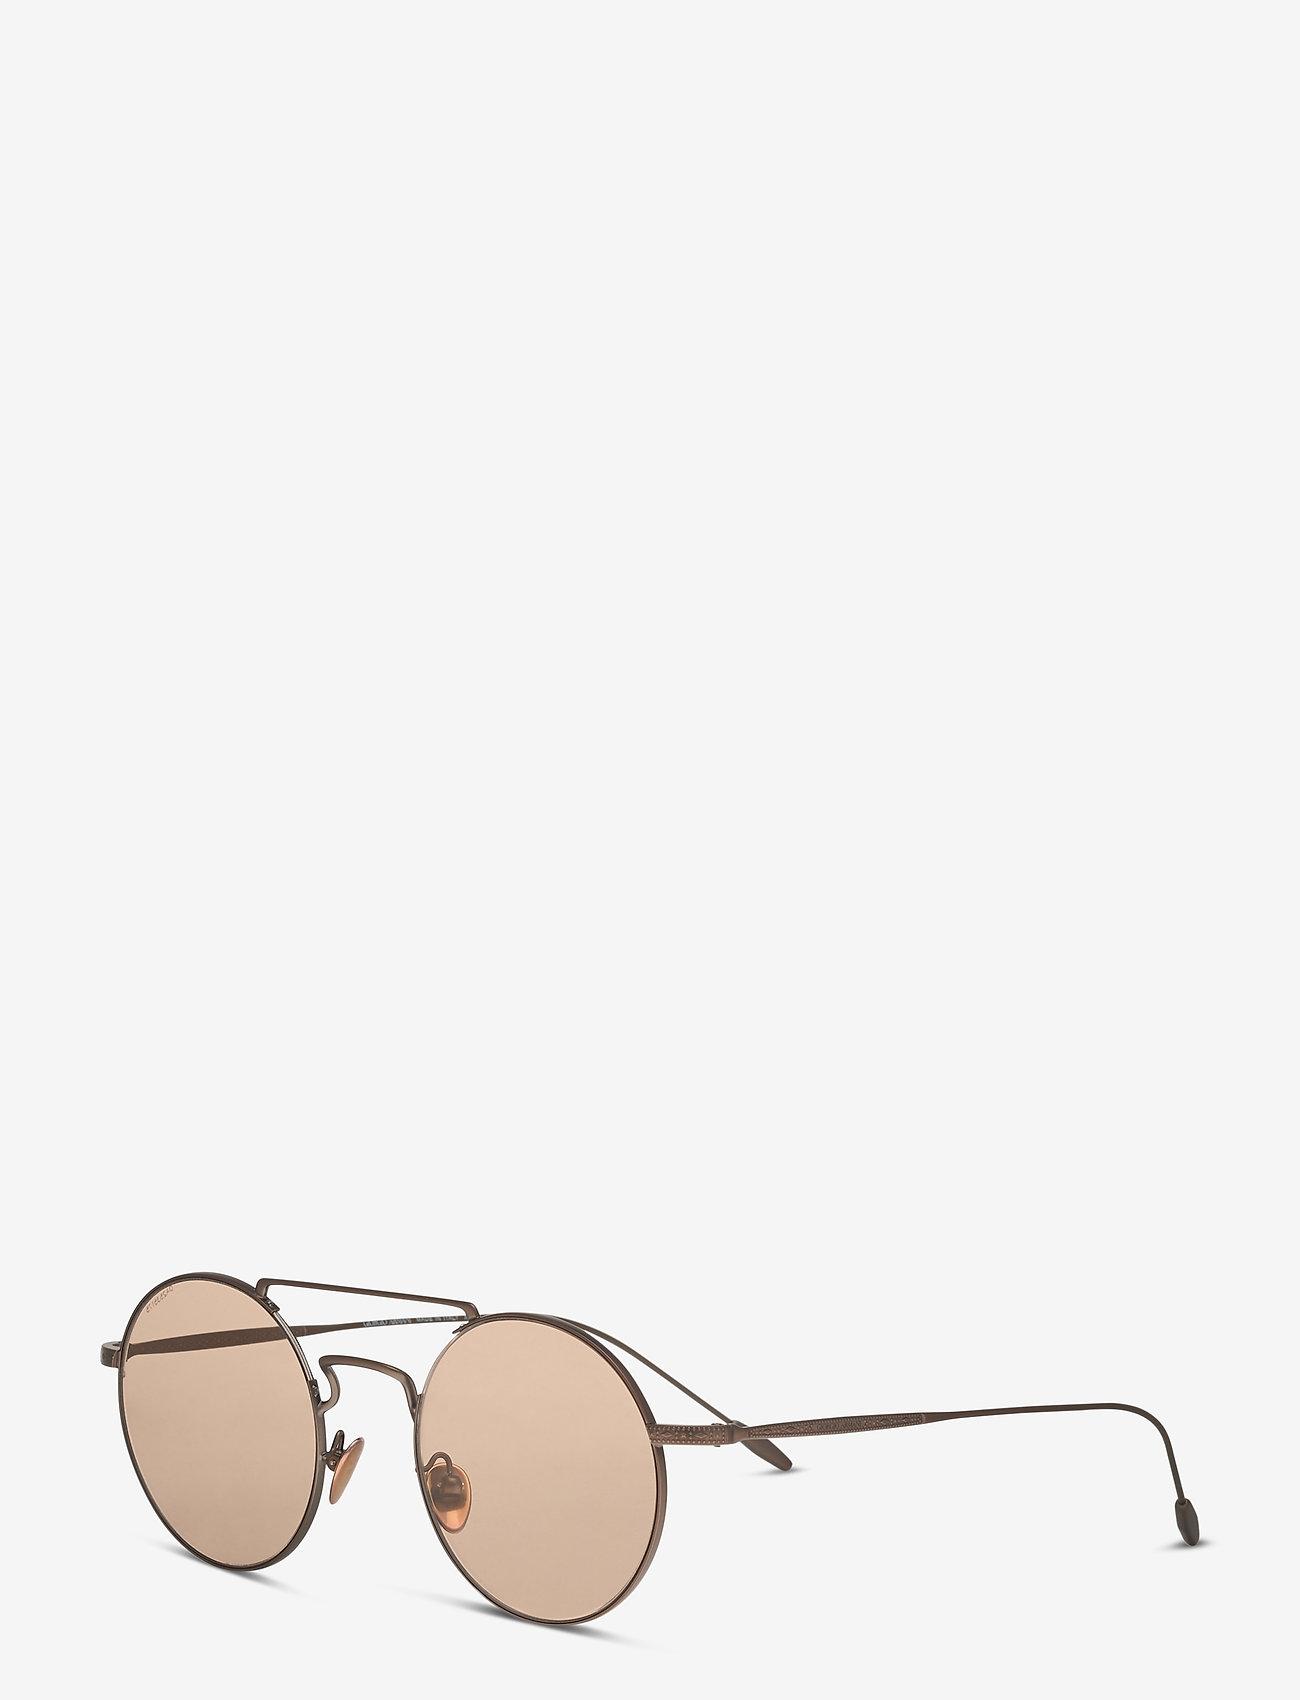 Giorgio Armani Sunglasses - 0AR6072 - rund ramme - matte bronze - 1